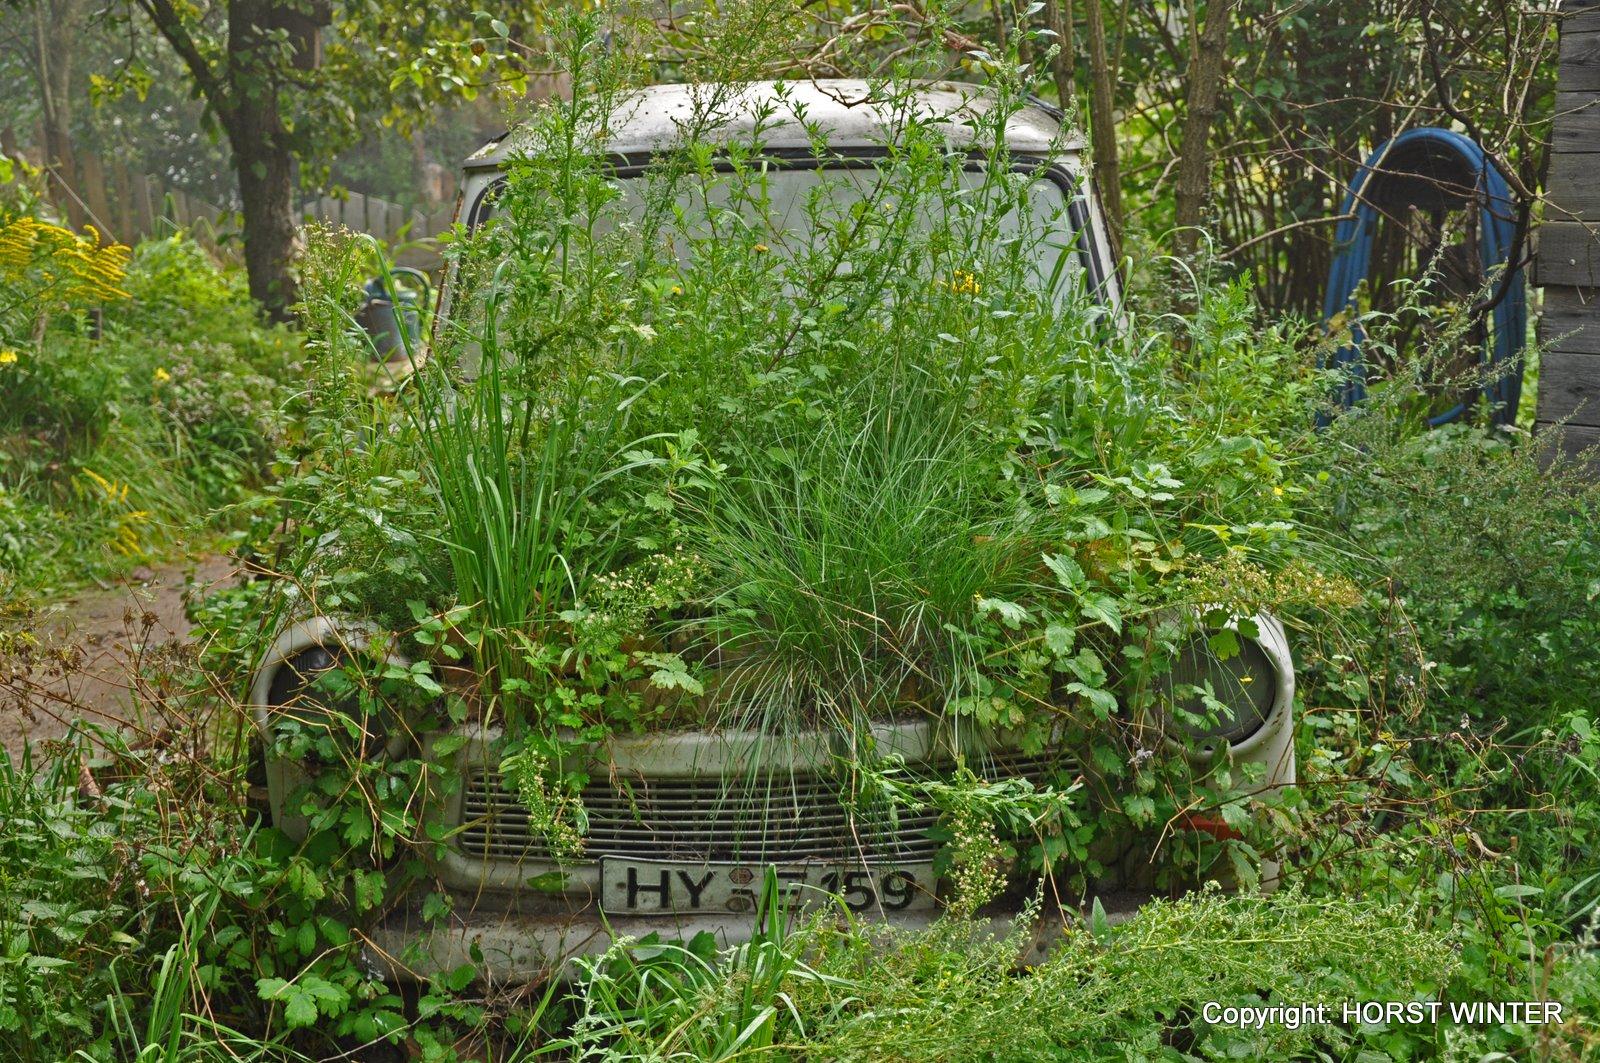 Bitte einsteigen zur Fahrt ins Grüne